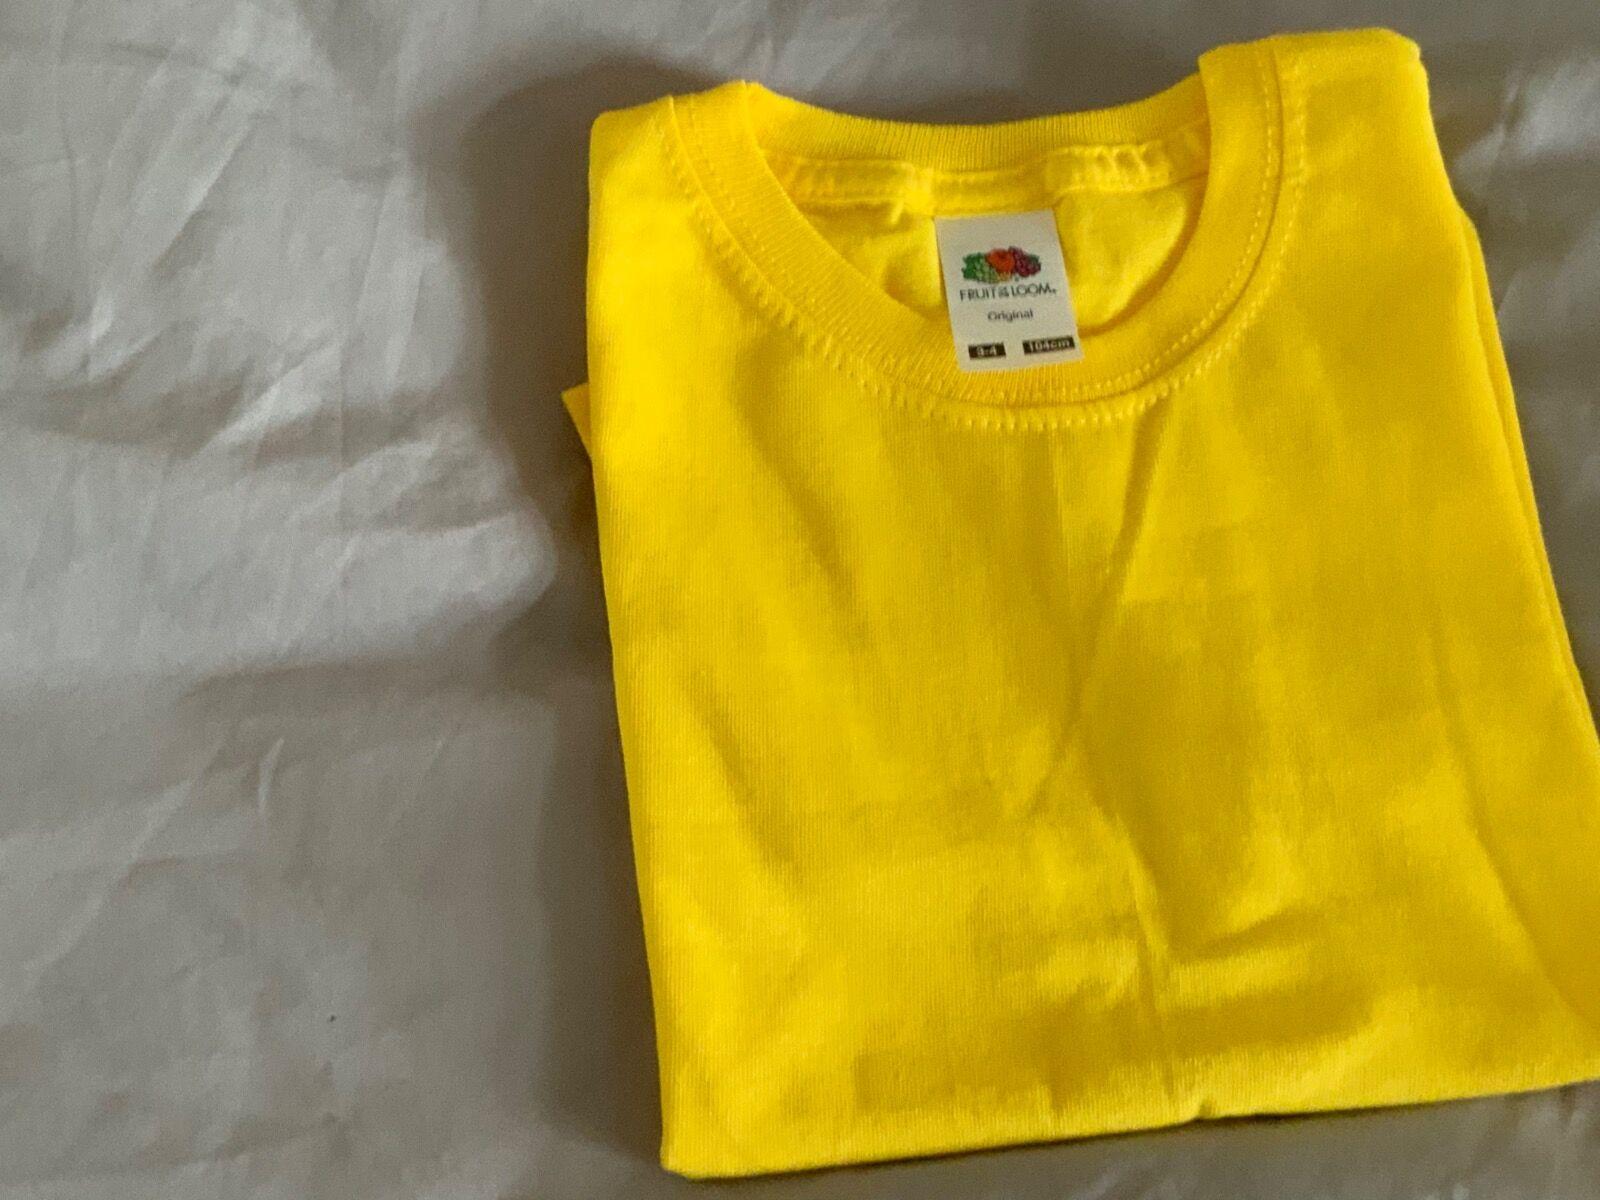 Sunshine yellow t-shirt 7/8